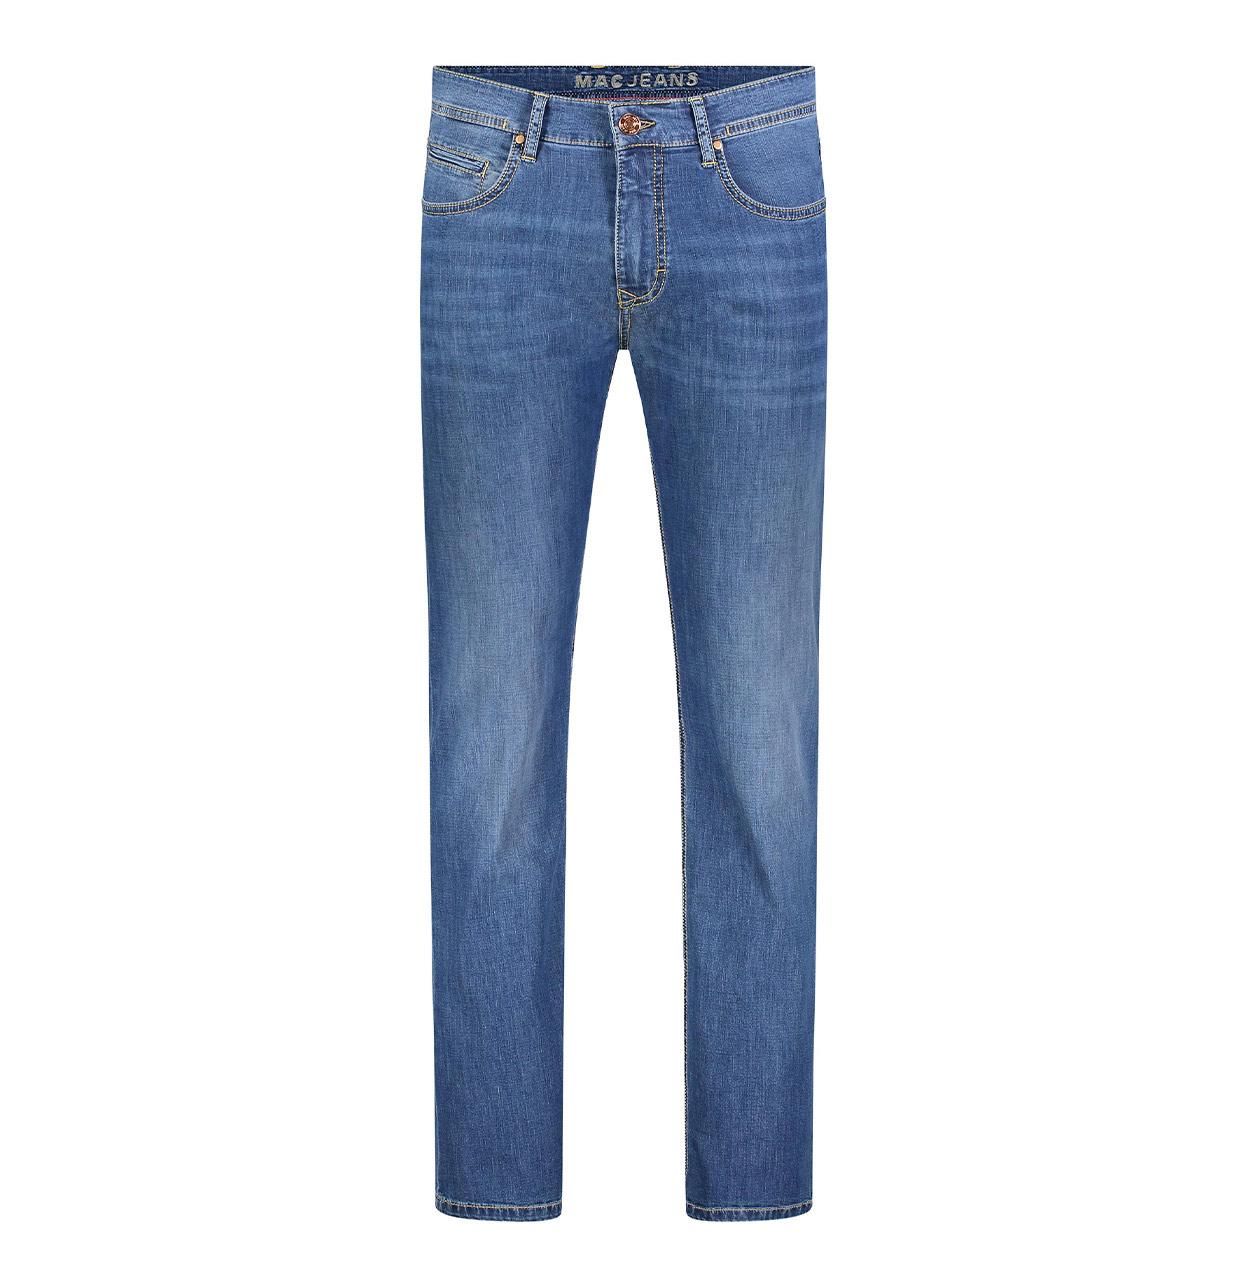 MAC Jeans 0955L050000 H430 H430 midblue authentic us 0955L050000 blauw Maat 33-32